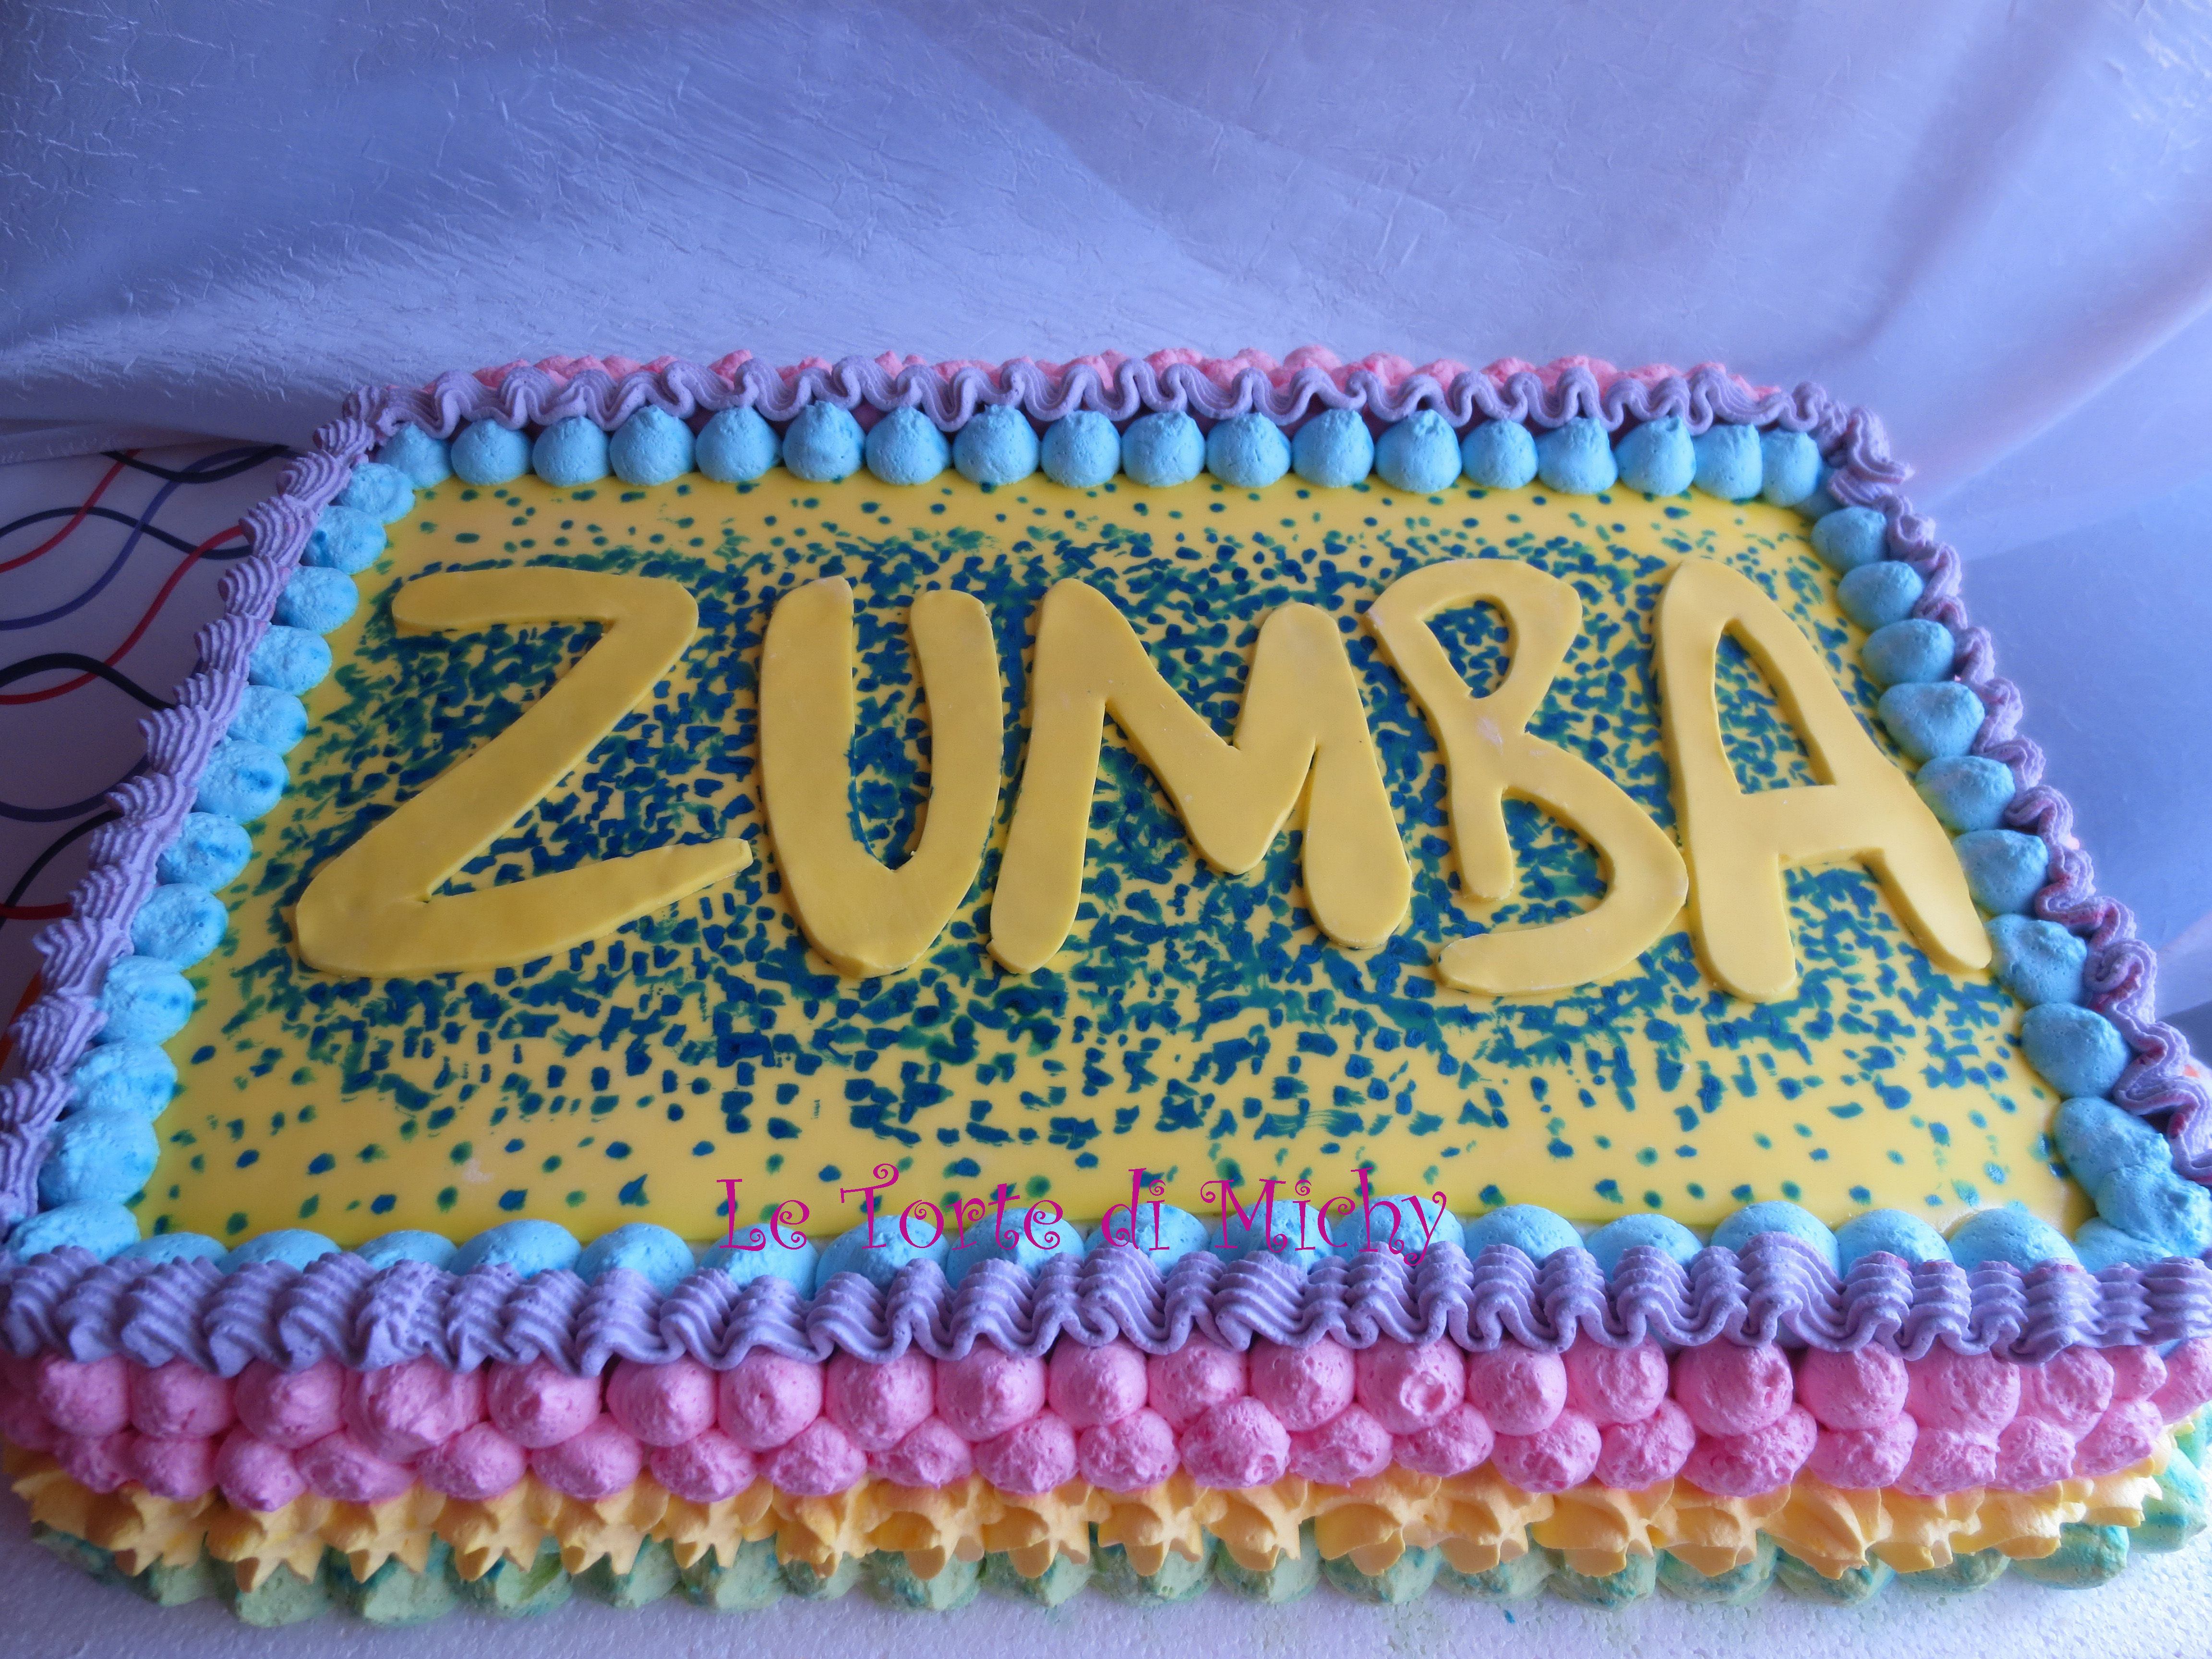 Auguri Di Natale Zumba.Zumba Cake Le Torte Di Michy Cake Design